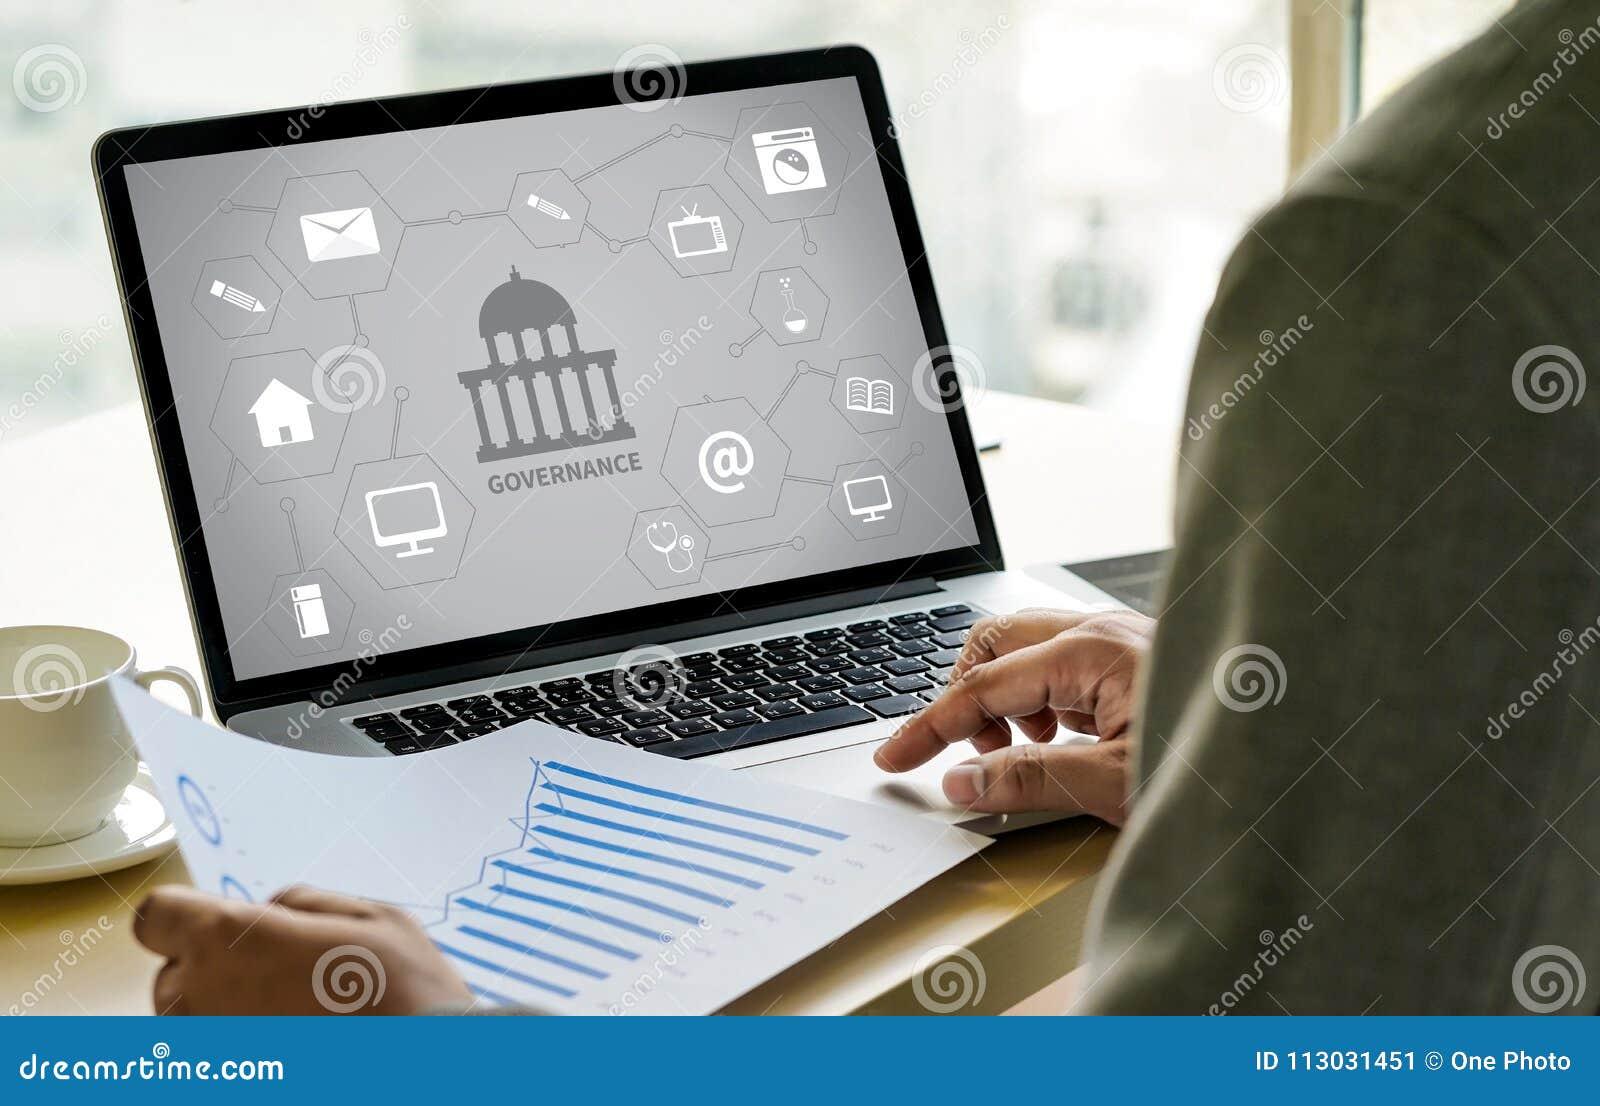 GOBIERNO y edificio, ingenio computacional del ordenador portátil del ordenador de la autoridad